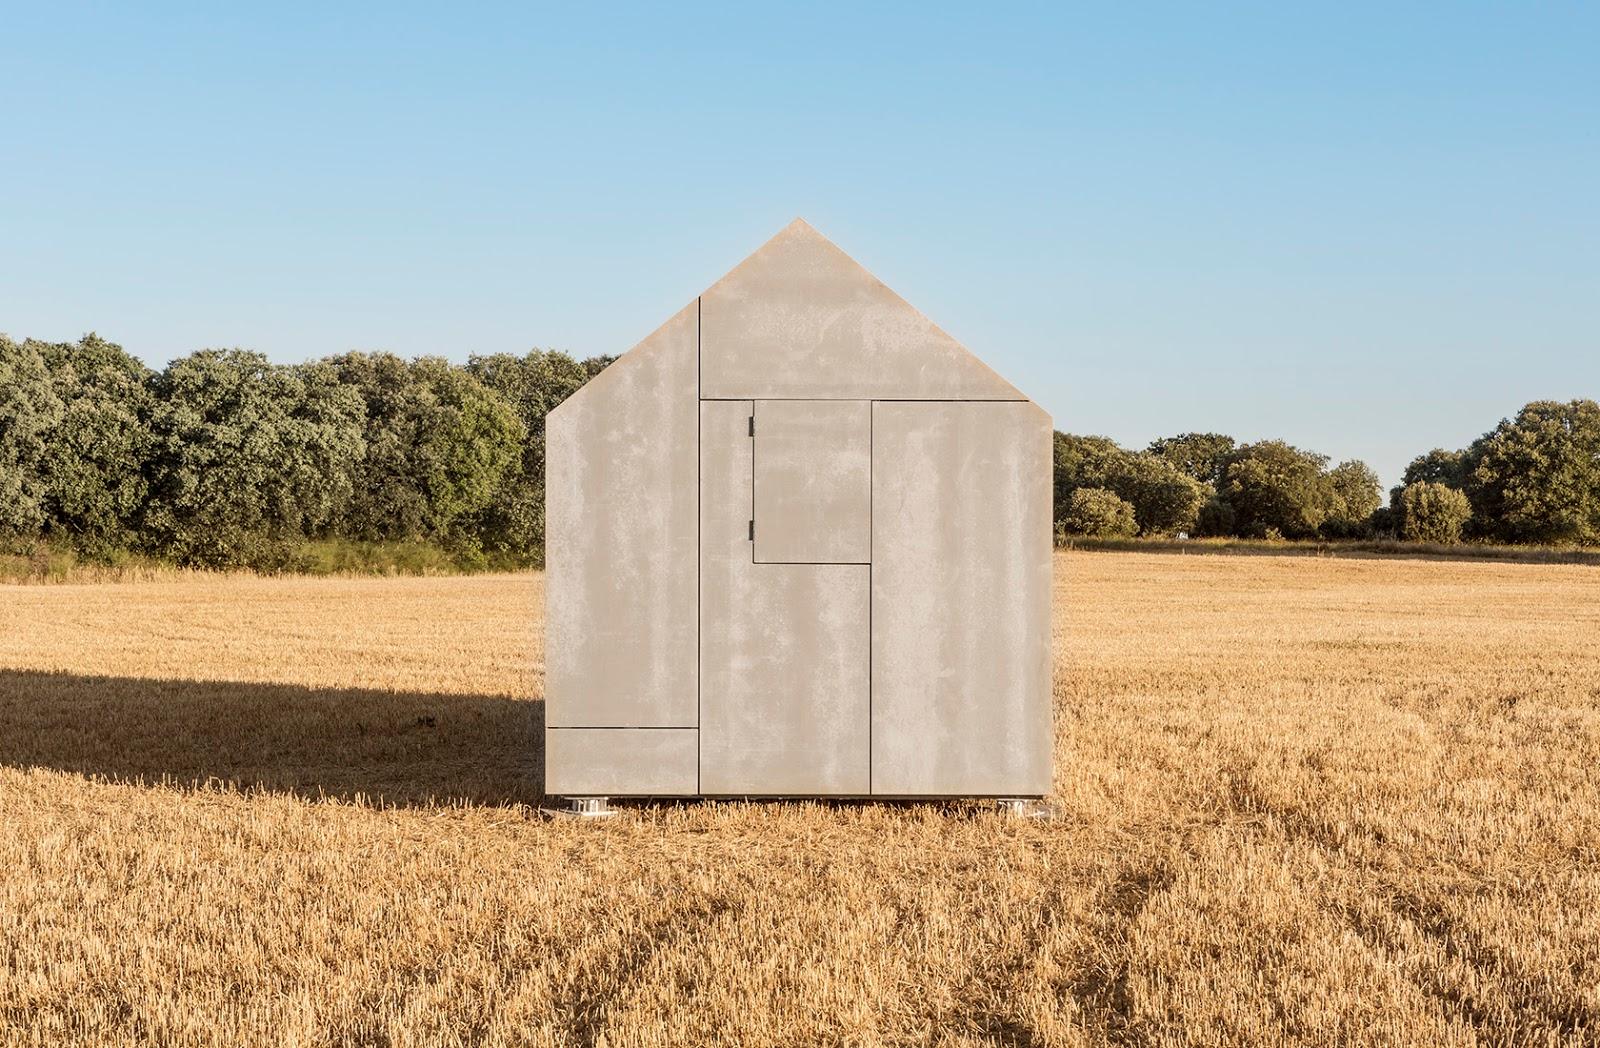 Una casa portatile per la generazione nomade